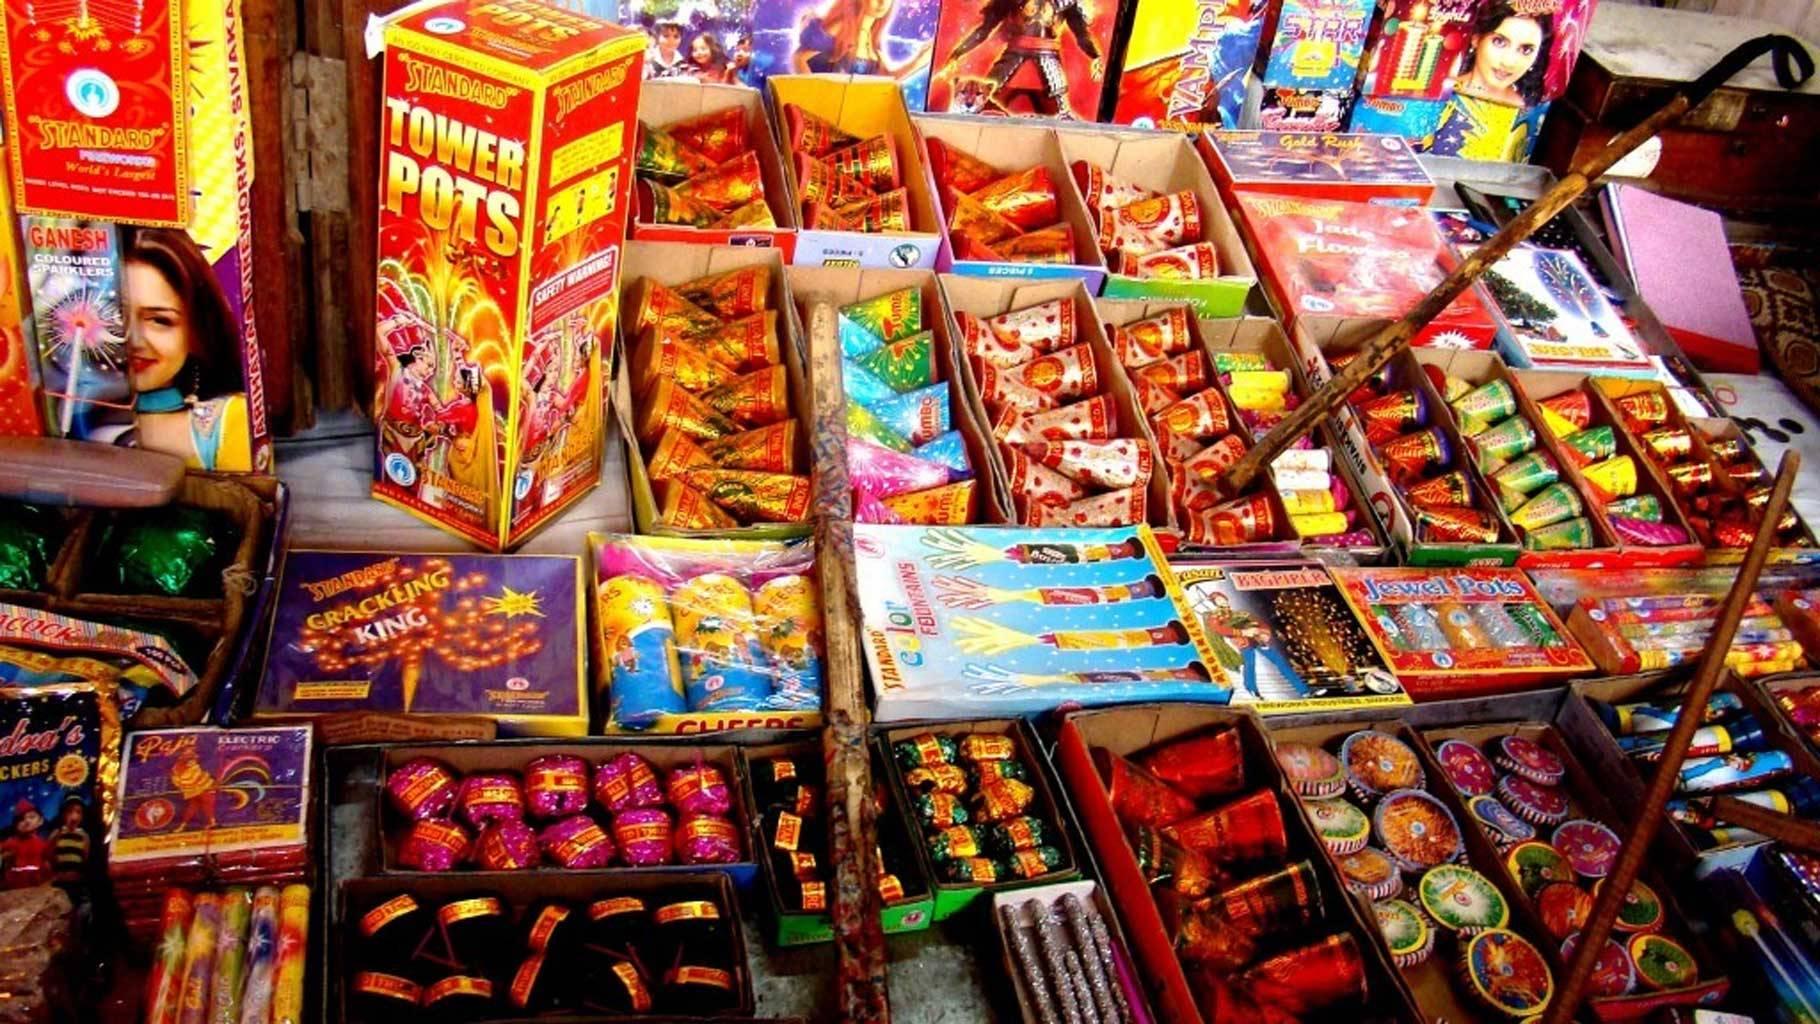 दीपावली का त्यौहार क्या अपना अस्तित्व खो रहा है